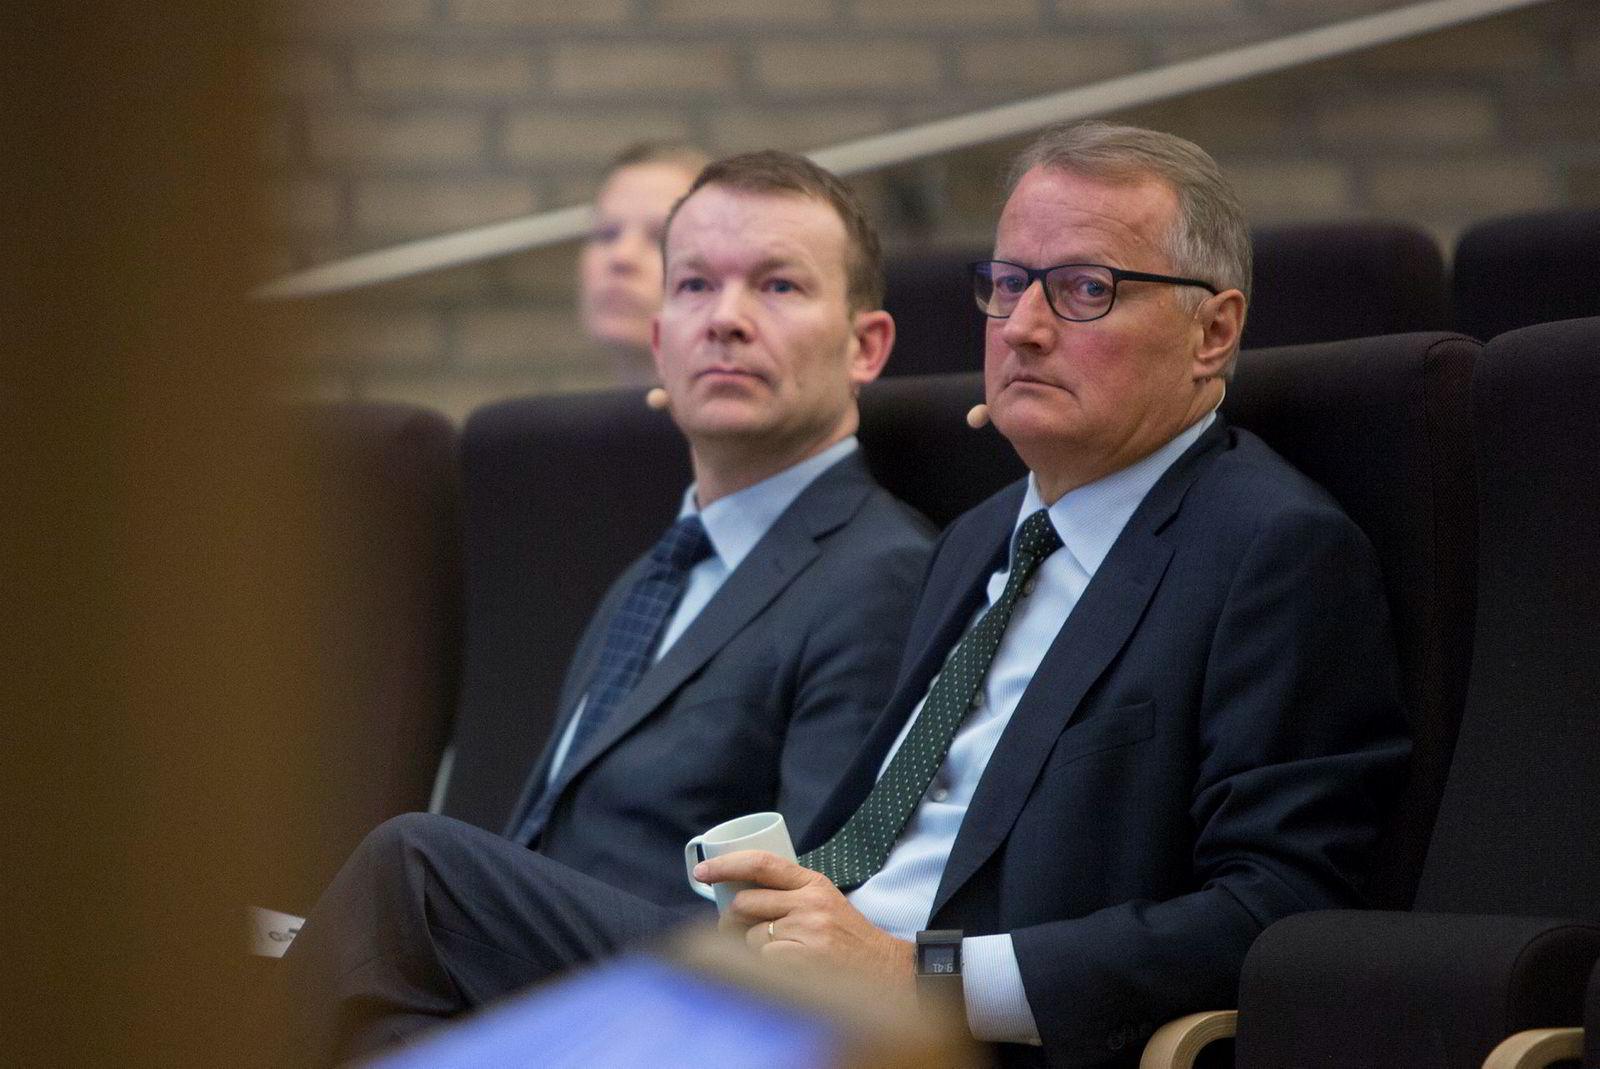 Konserndirektør Thomas Midteide (t.v.) og konsernsjef Rune Bjerke, DNB.